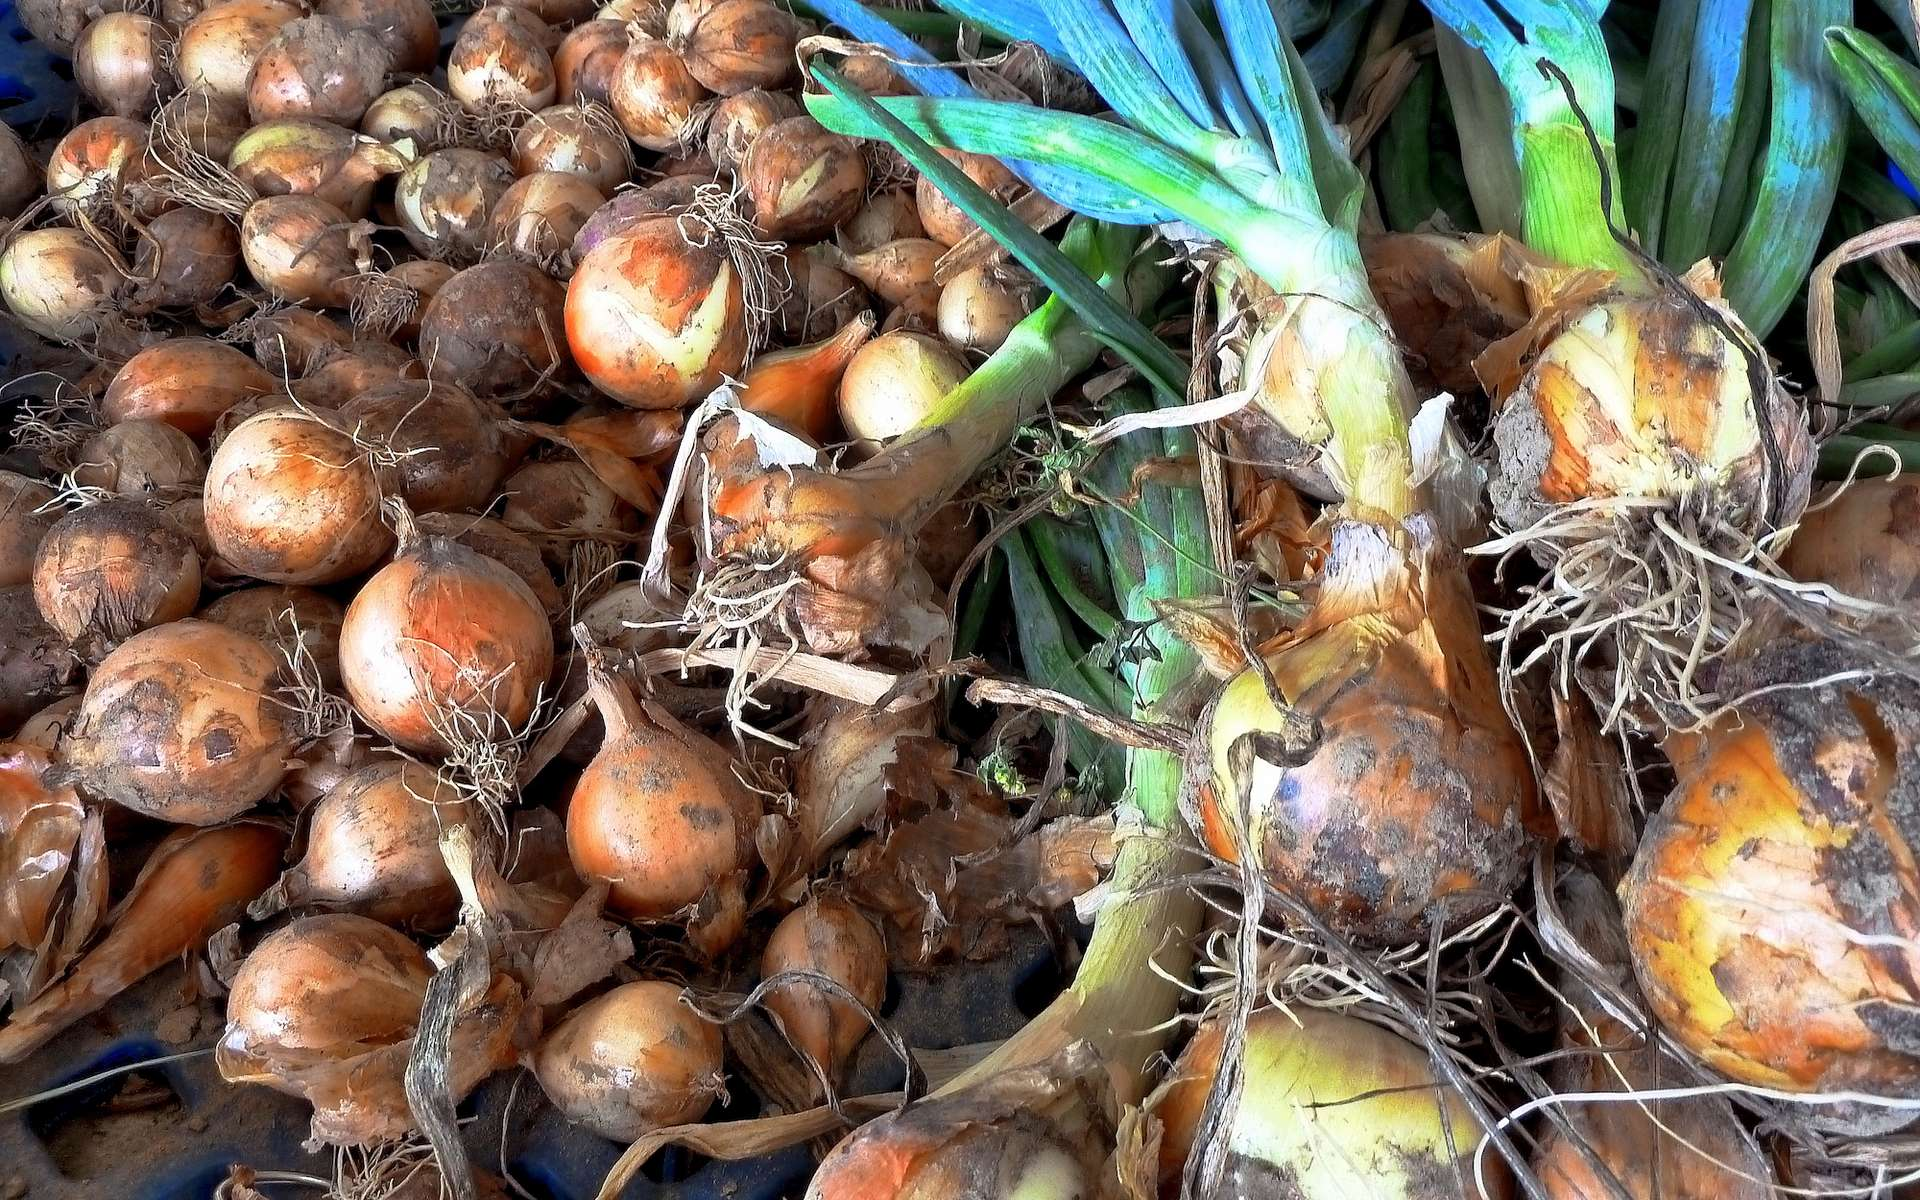 Les bulbilles d'oignons permettent de planter avec un mois d'avance. © F-Delventhal, Flickr